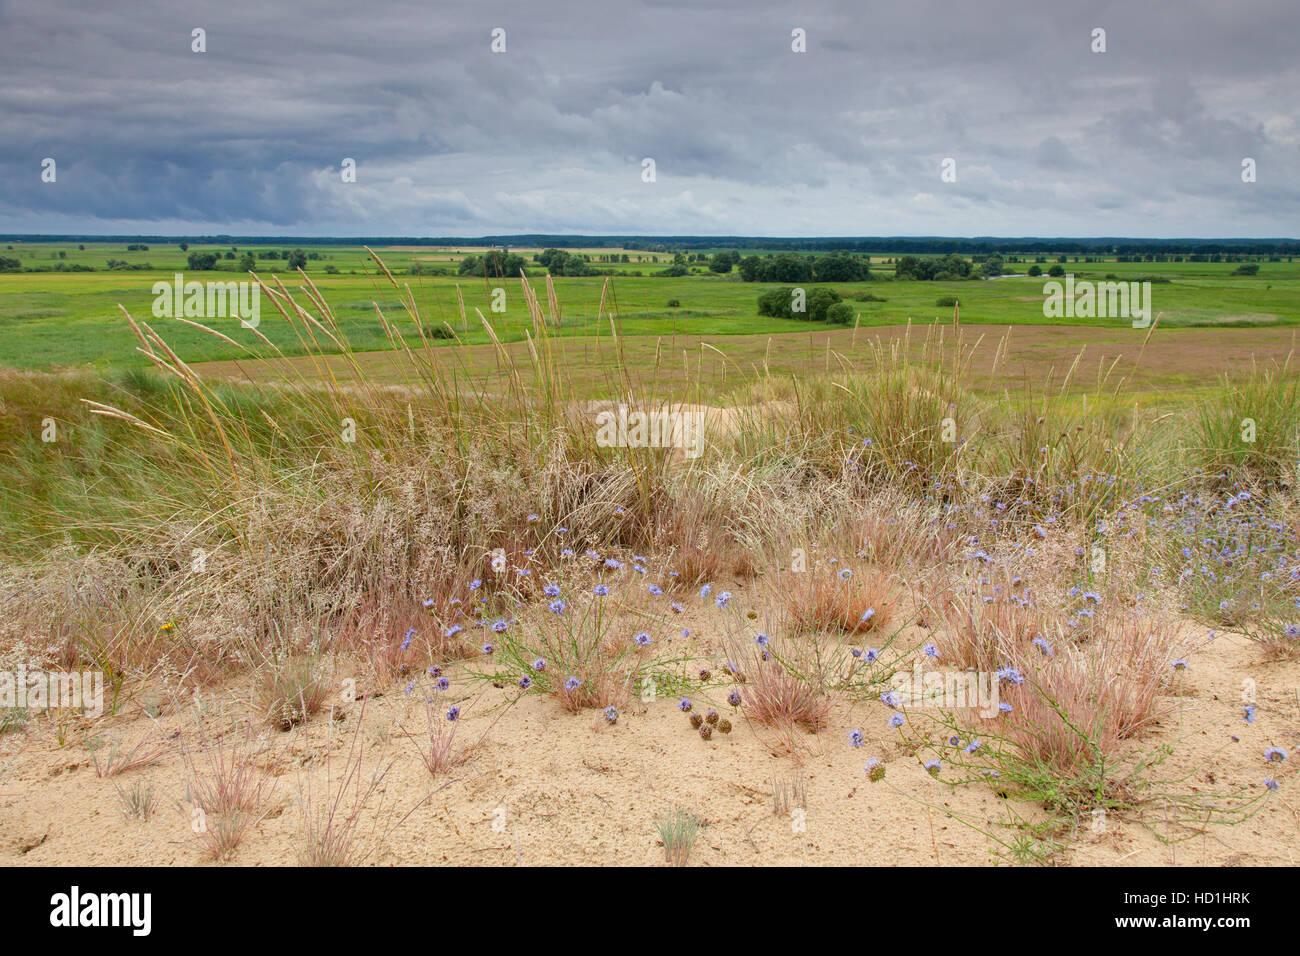 Inland Dunes by Klein Schmölen near the Elbe river, Mecklenburg Elbe Valley Nature Park / Mecklenburgisches - Stock Image